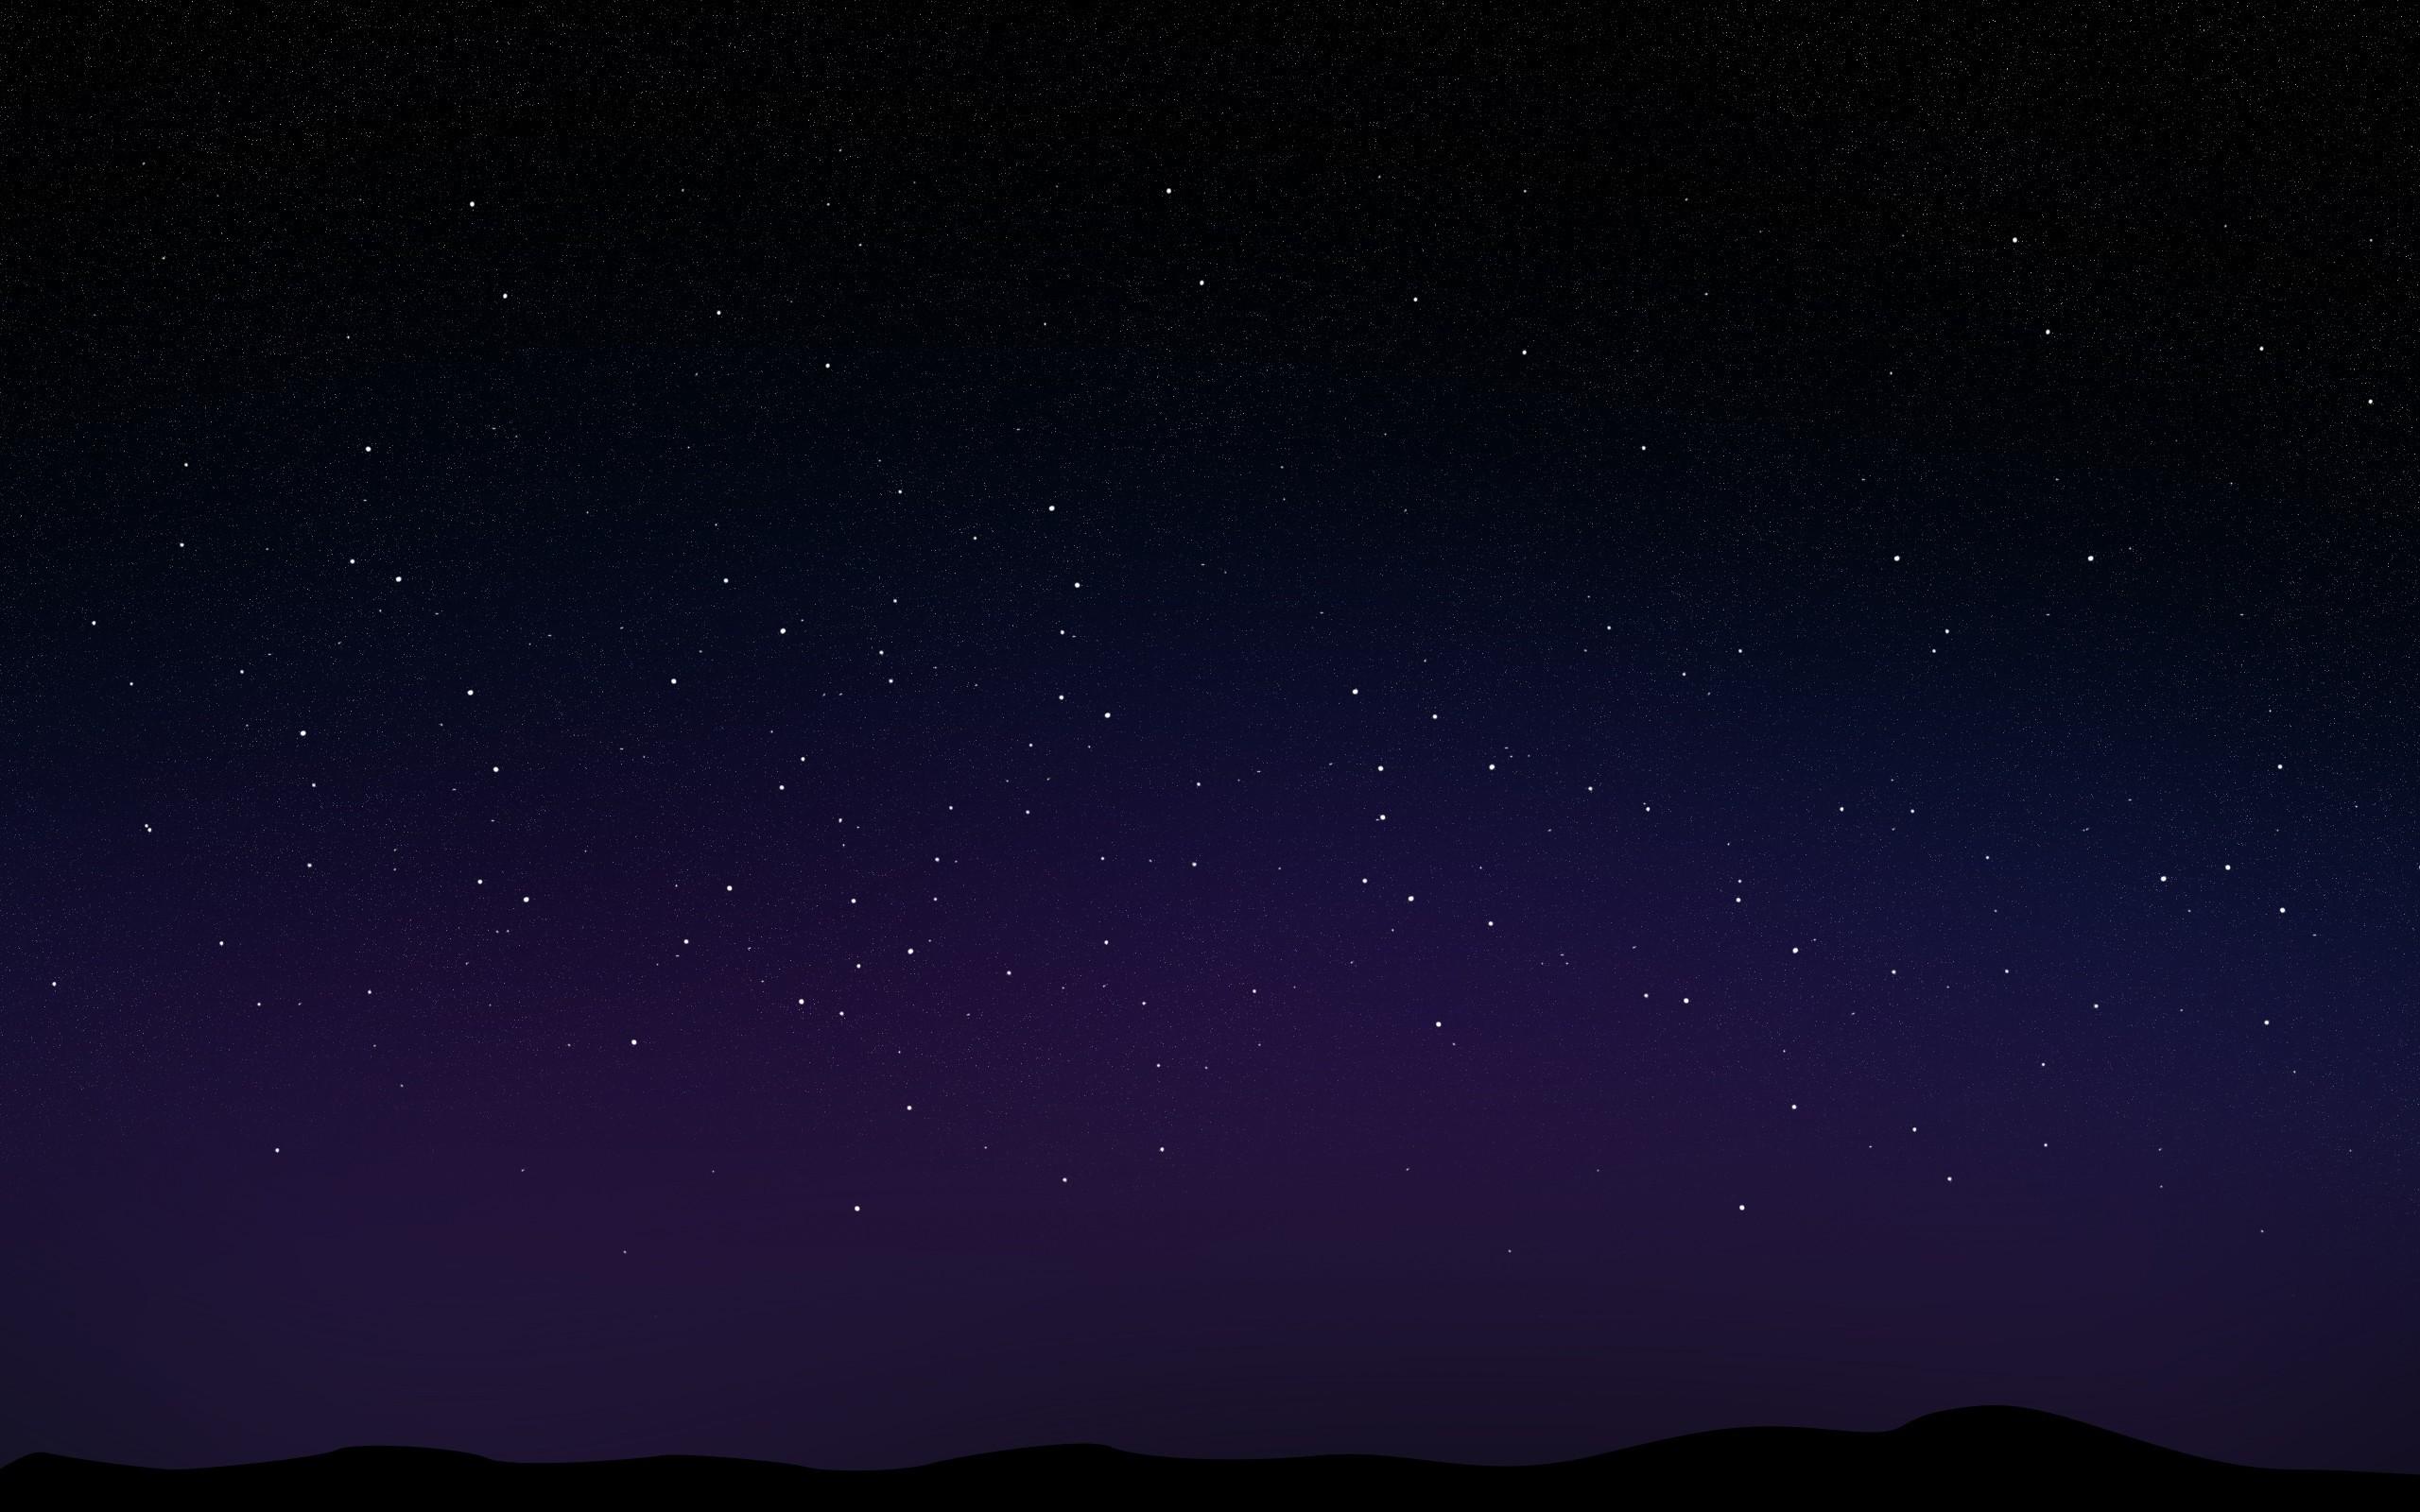 Starry Night Sky wallpapers | Starry Night Sky stock photos